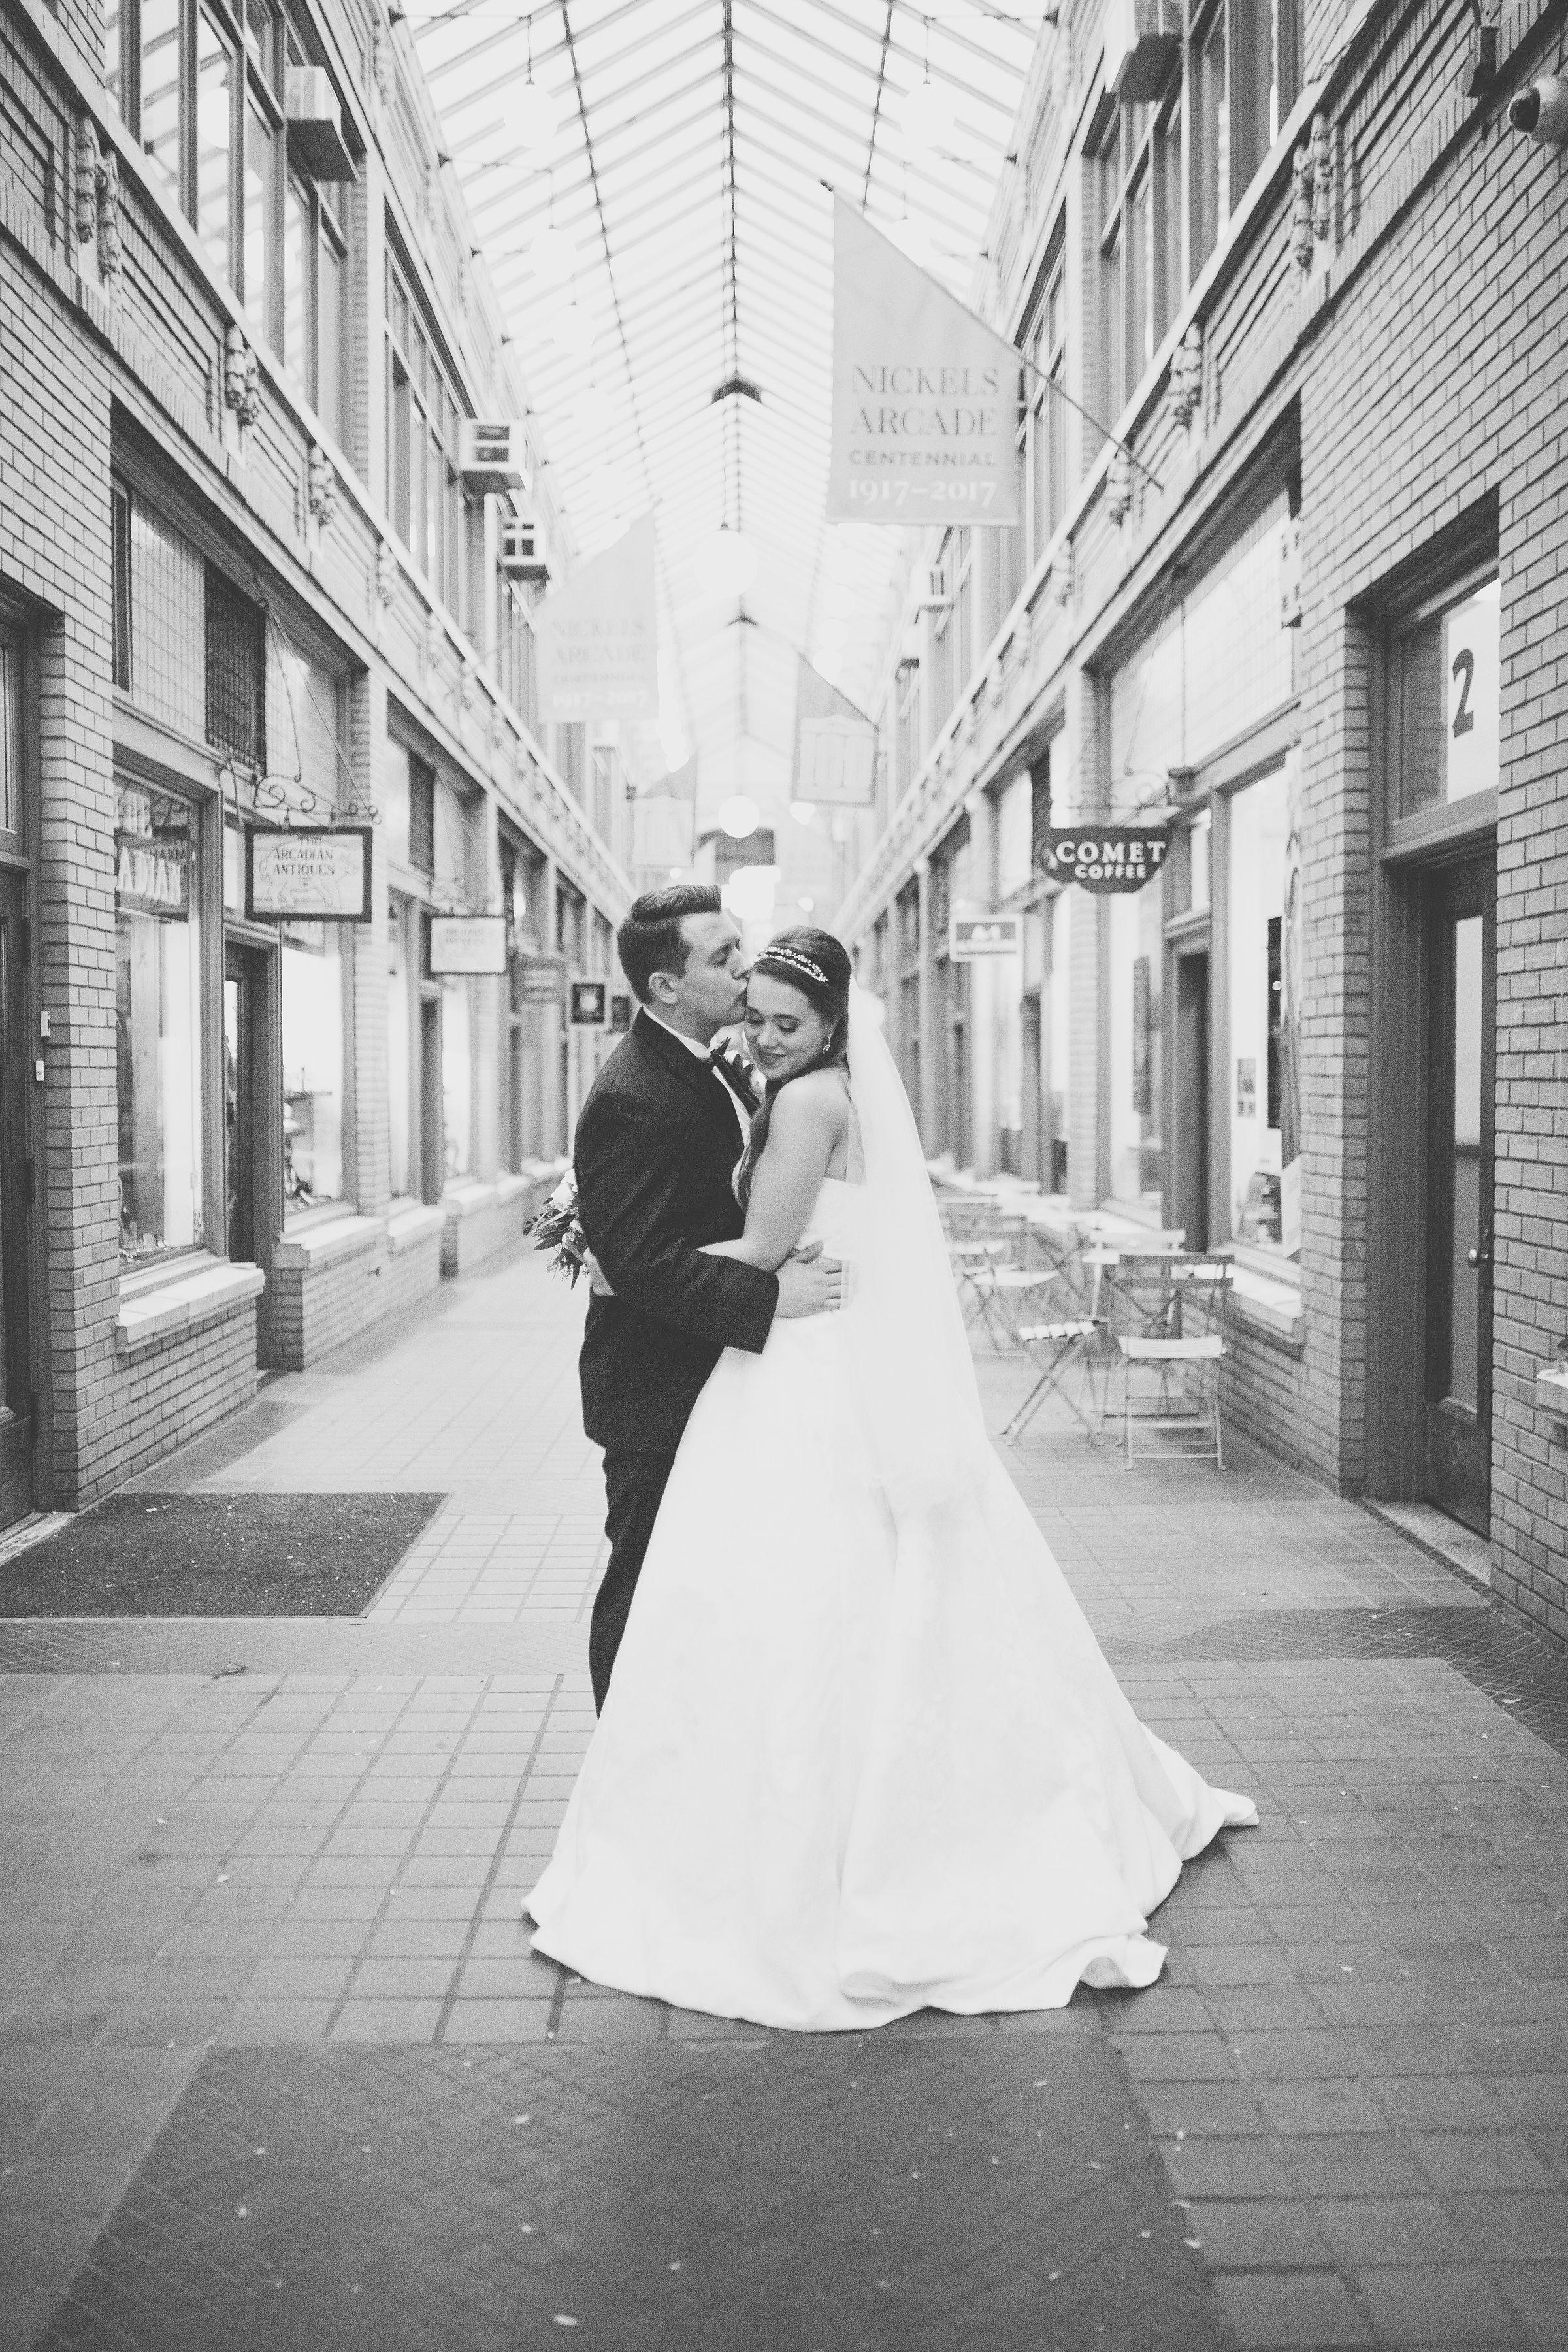 Ann arbor fine art wedding photographer holly clark